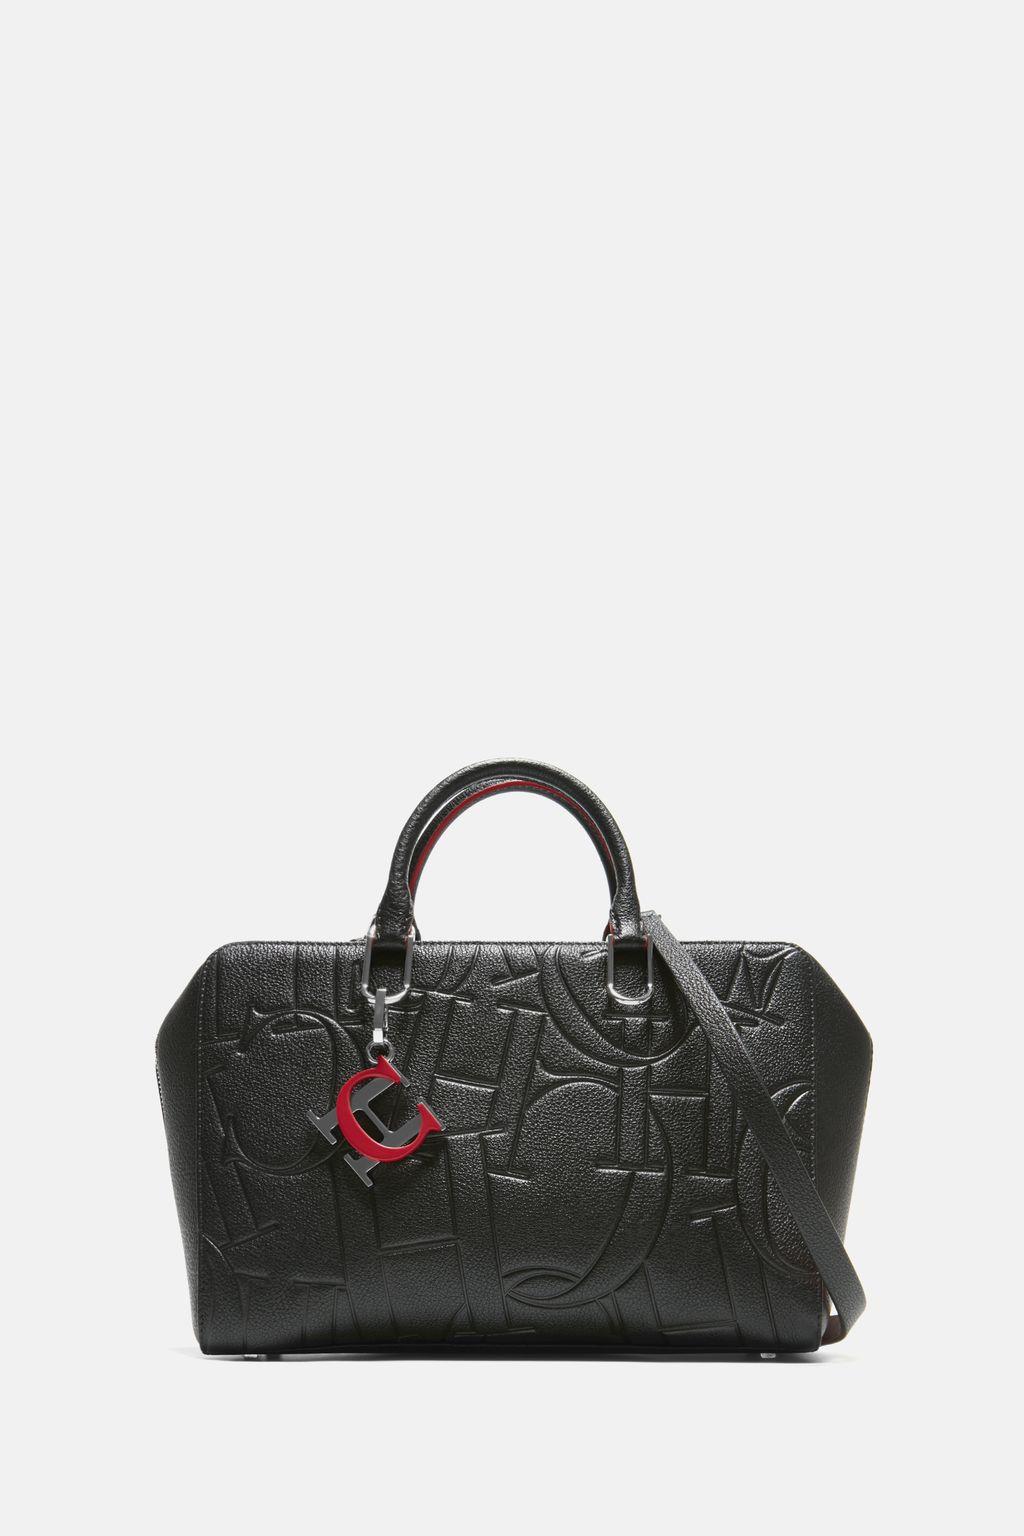 Duke | Medium handbag